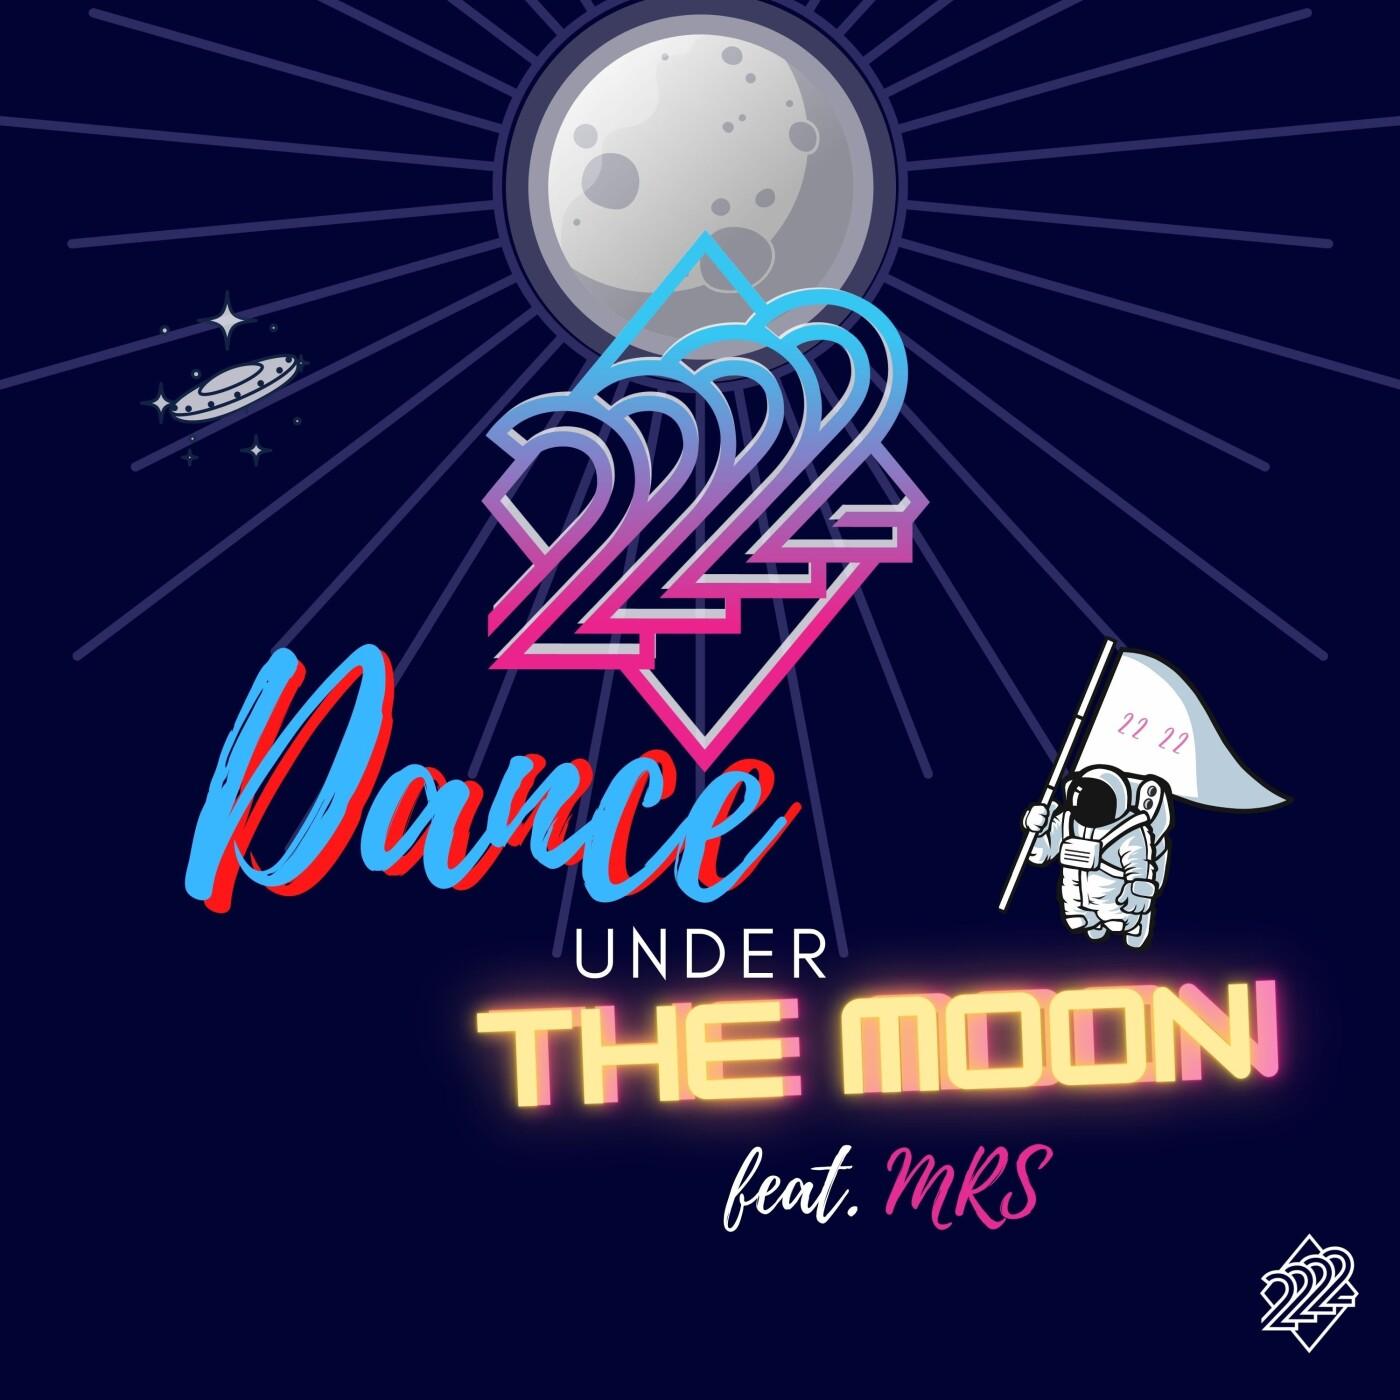 Artiste du jour, découvrez 22 22 et son titre Dance under the Moon - 25 08 2021 - StereoChic Radio